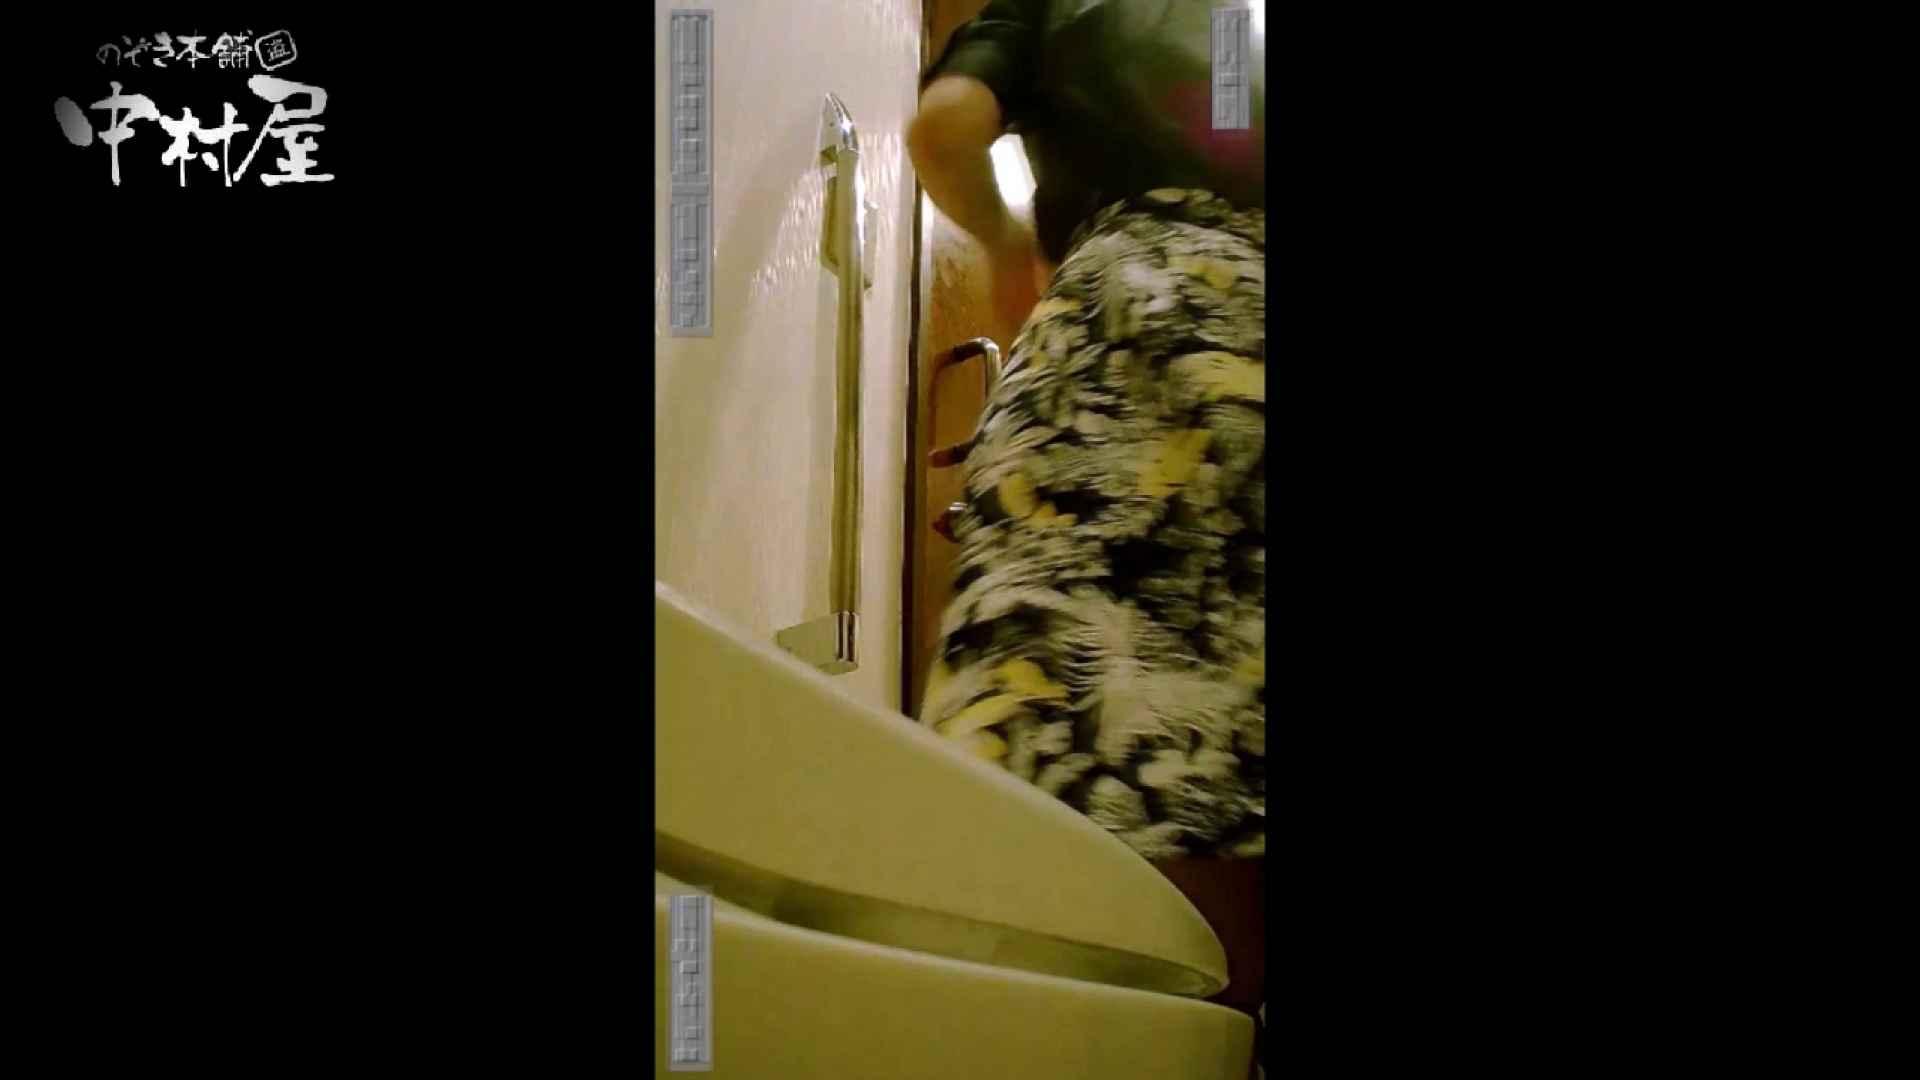 高画質トイレ盗撮vol.13 OLエロ画像 のぞきおめこ無修正画像 112PICs 77